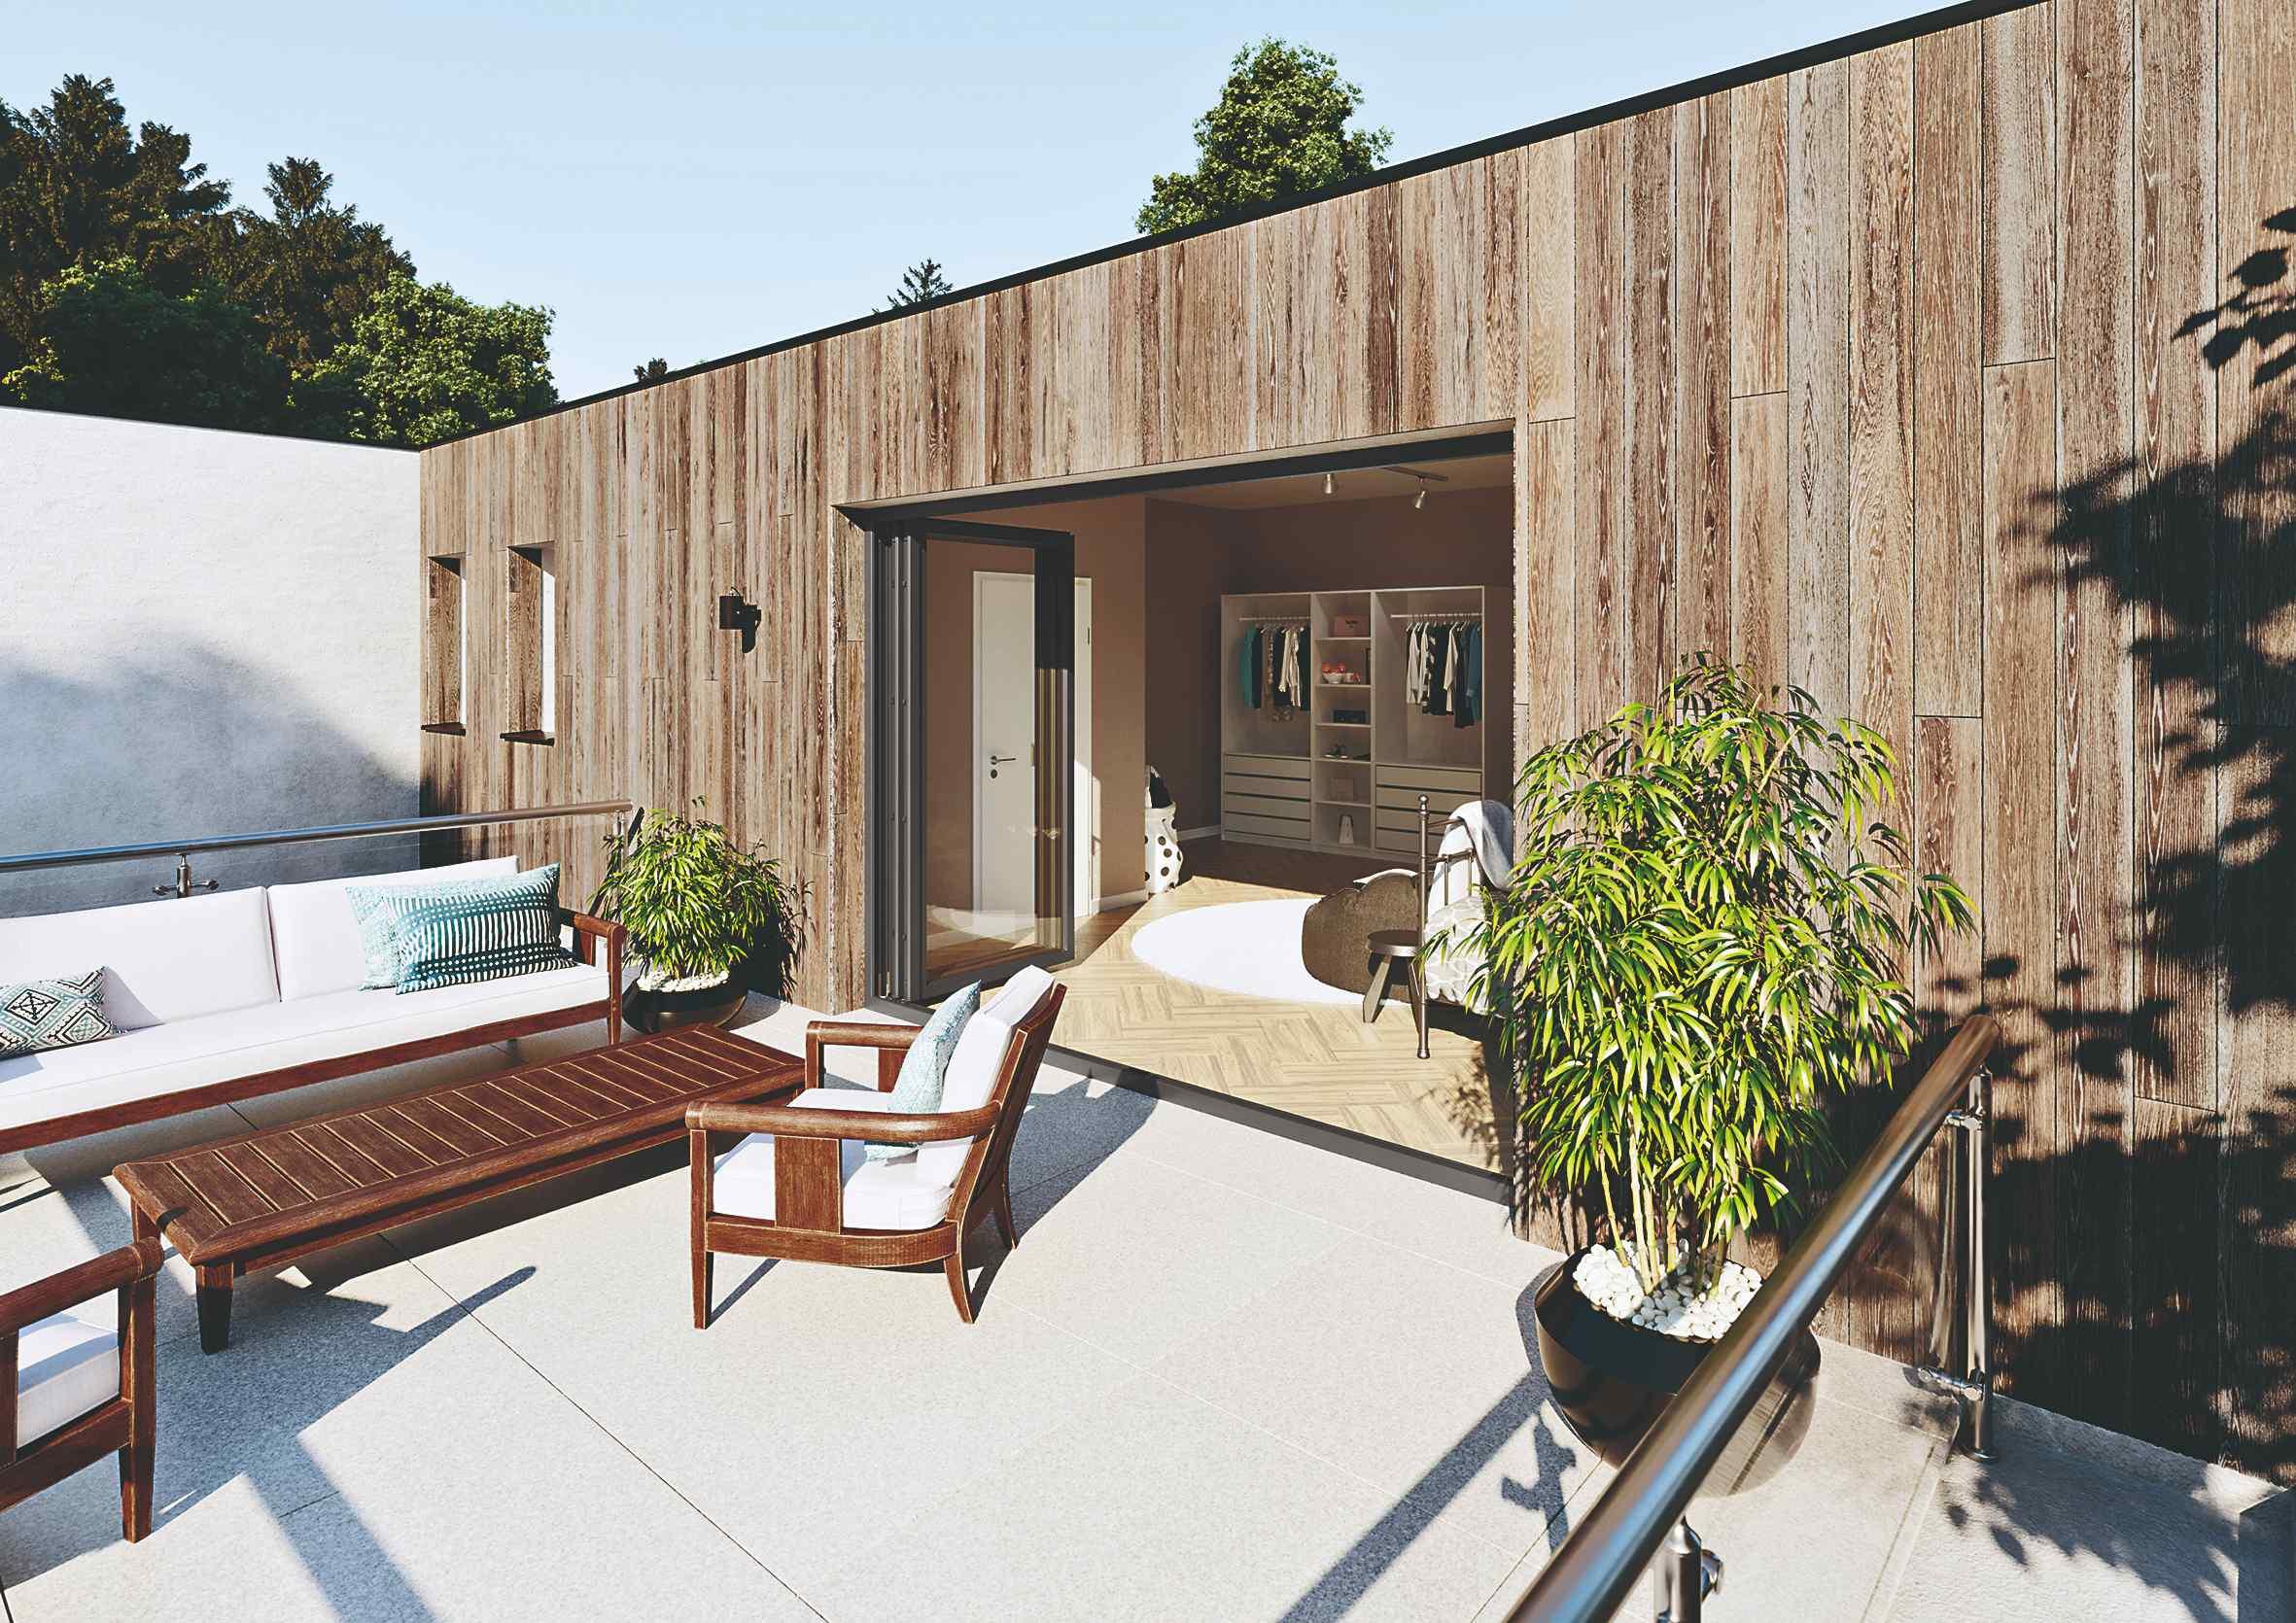 Dom s drevenou fasádou a otvorenou panorámou